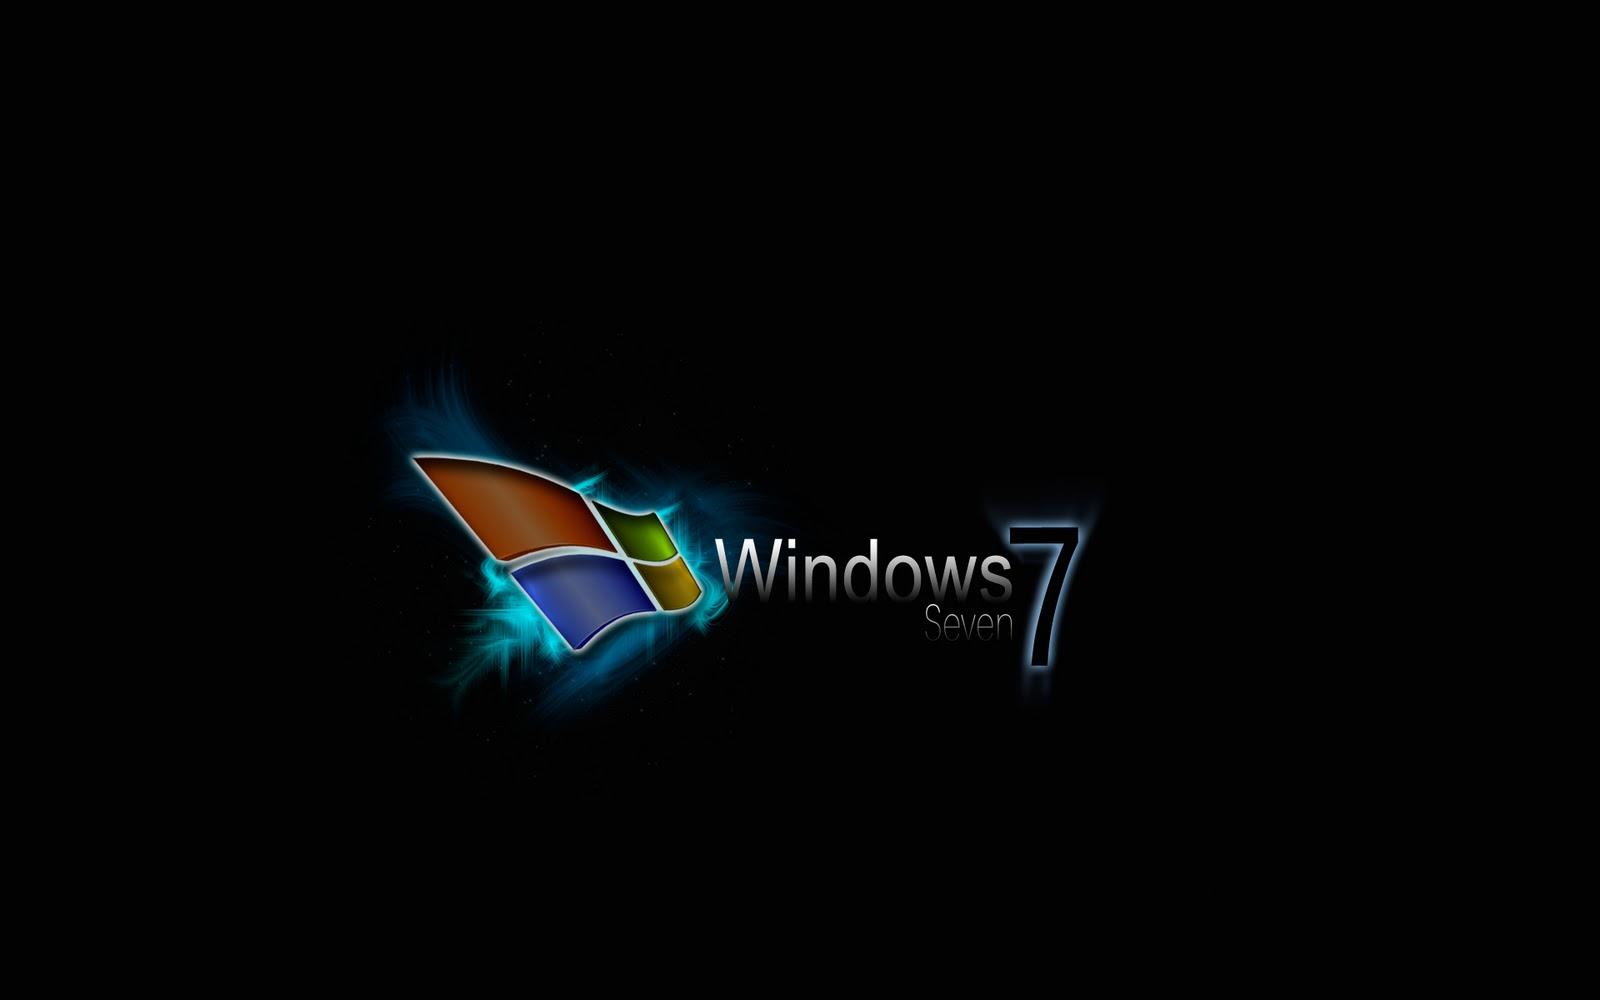 windows 7 wallpaper | Cool Wallpaper